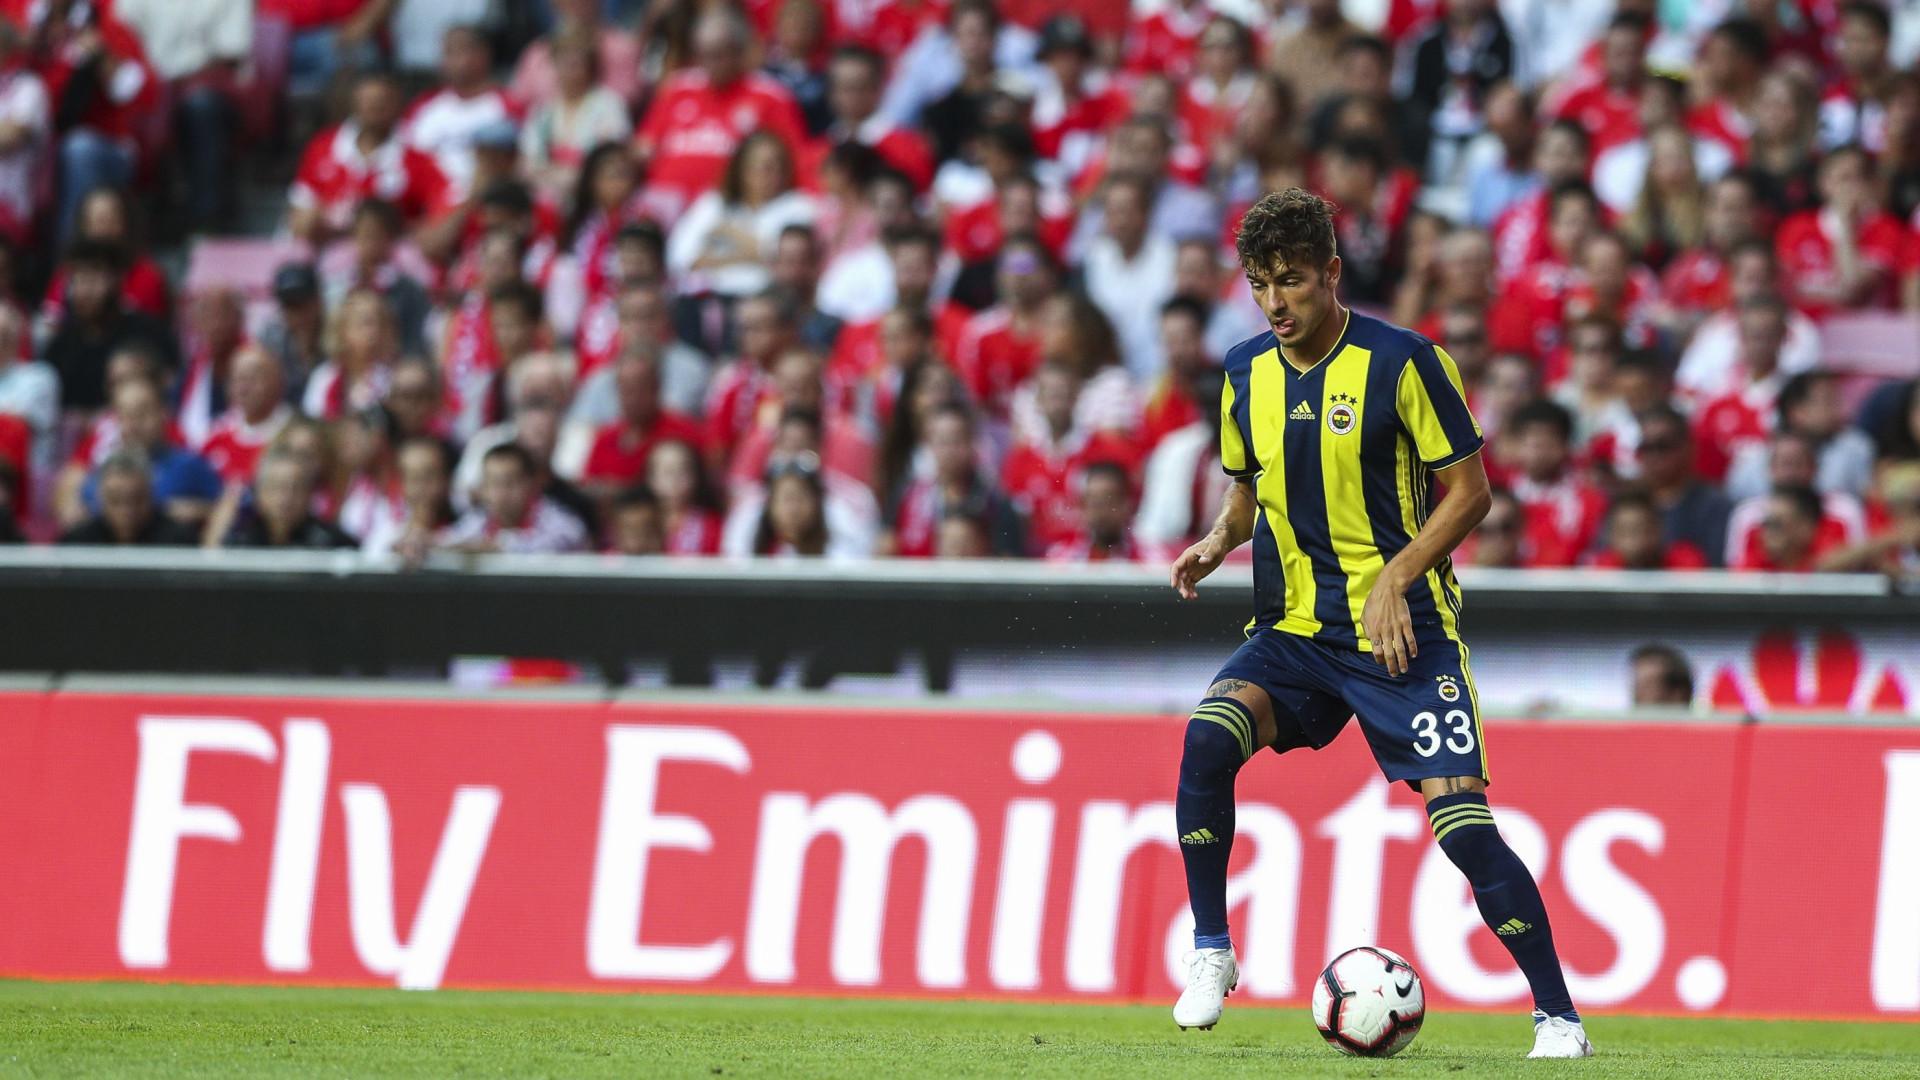 Fenerbhaçe, adversário do Benfica, estreia-se a vencer na Liga turca